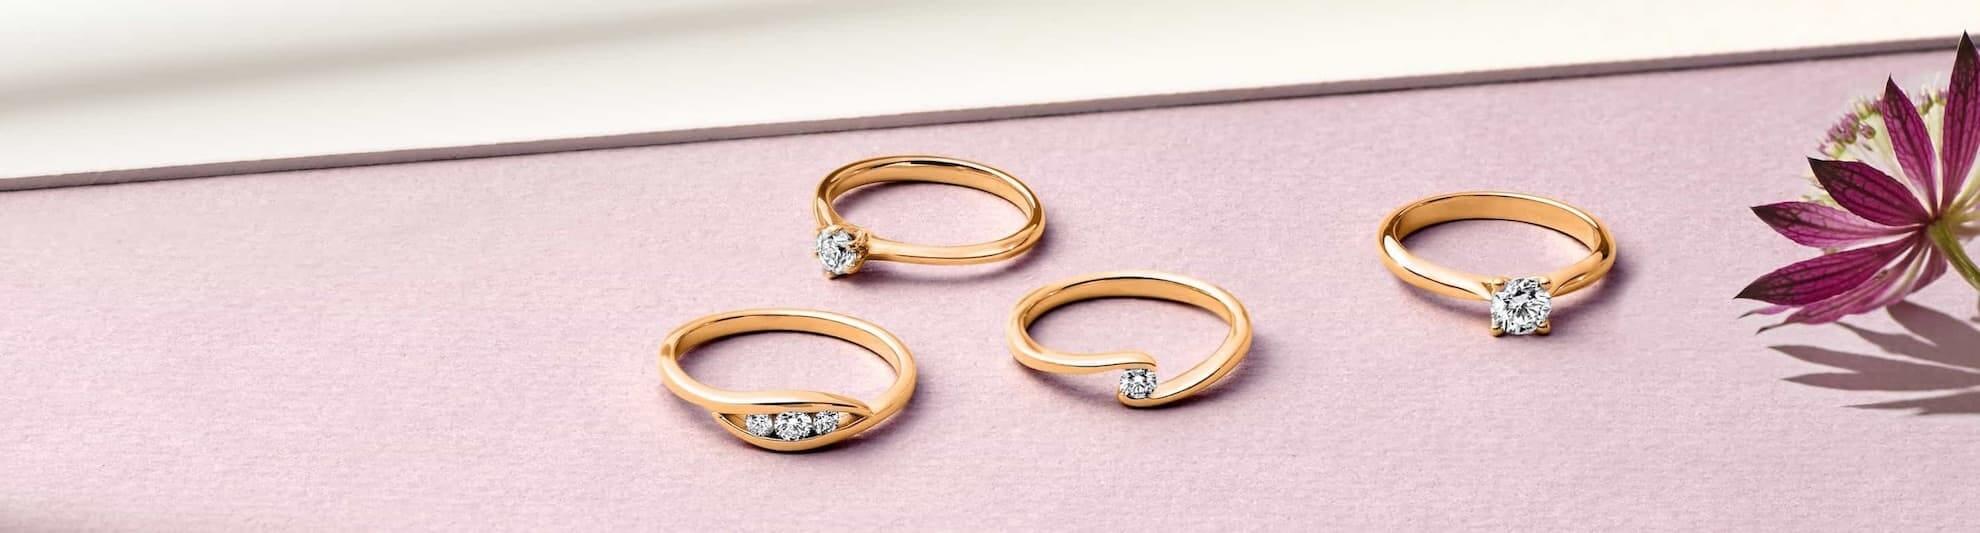 Diamantringe rosegold  Diamantringe aus Roségold | VERLOBUNGSRING.de